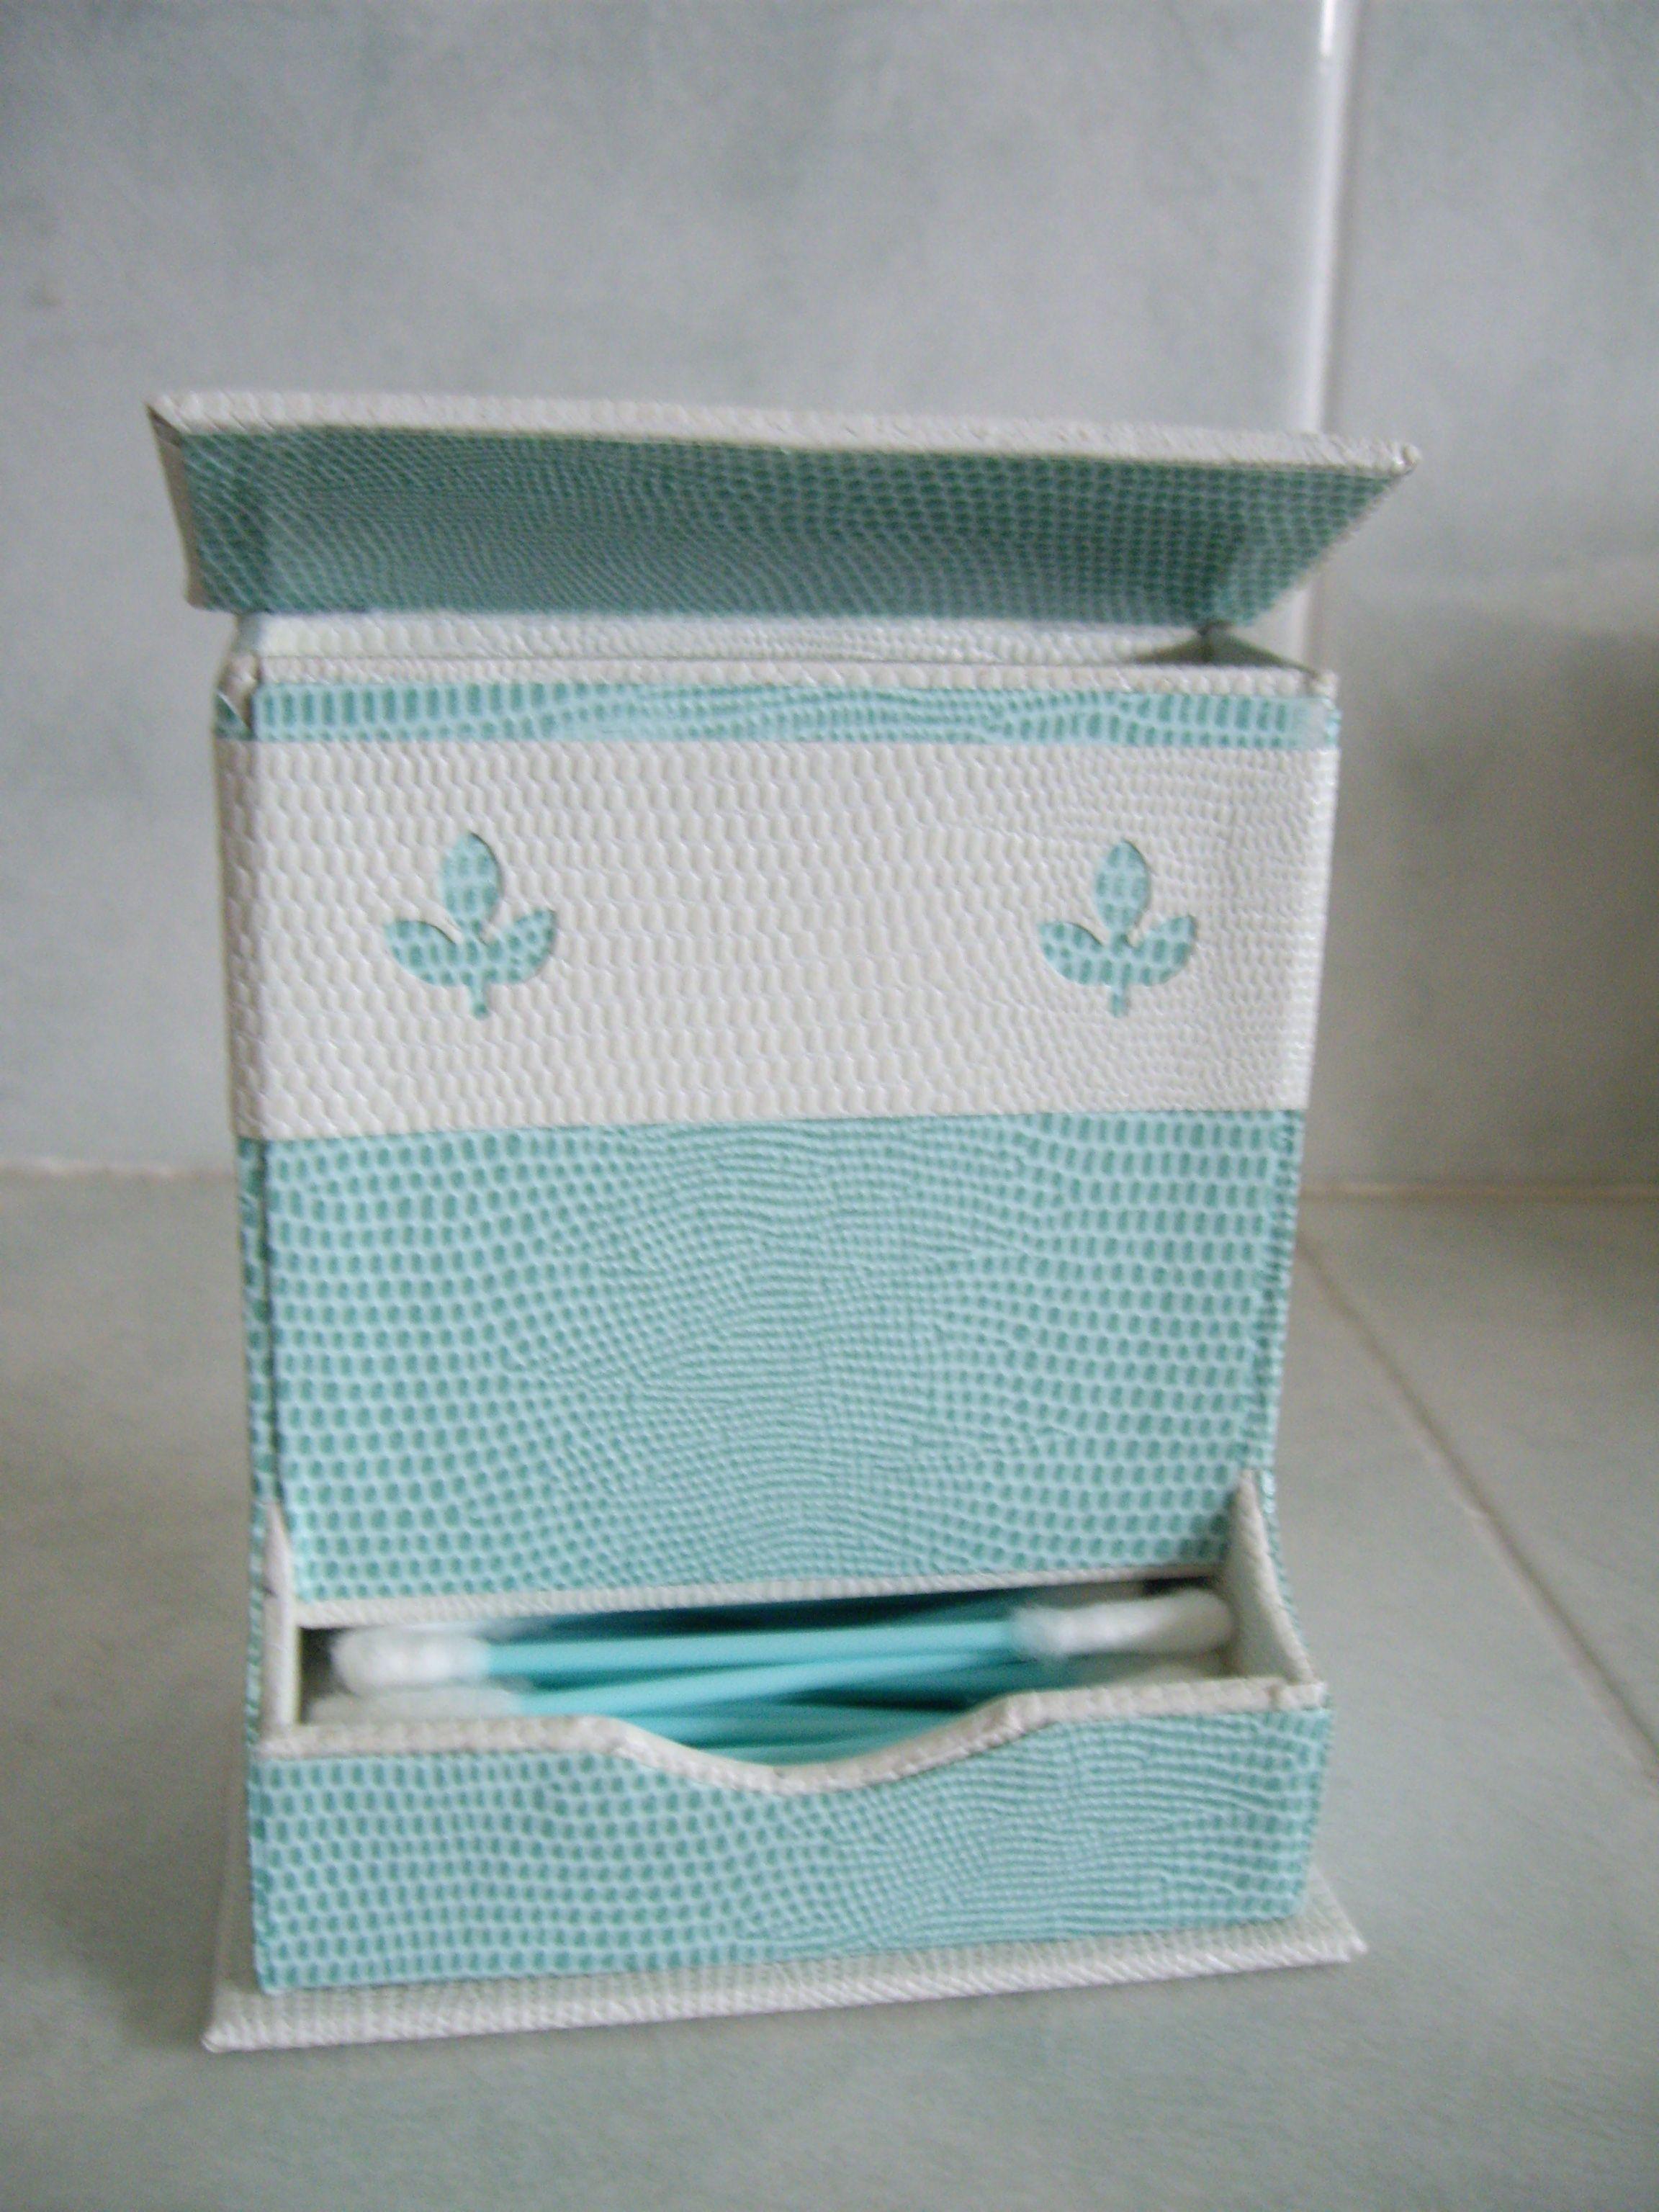 cartonnage distributeur de cotons tige pour salle de. Black Bedroom Furniture Sets. Home Design Ideas